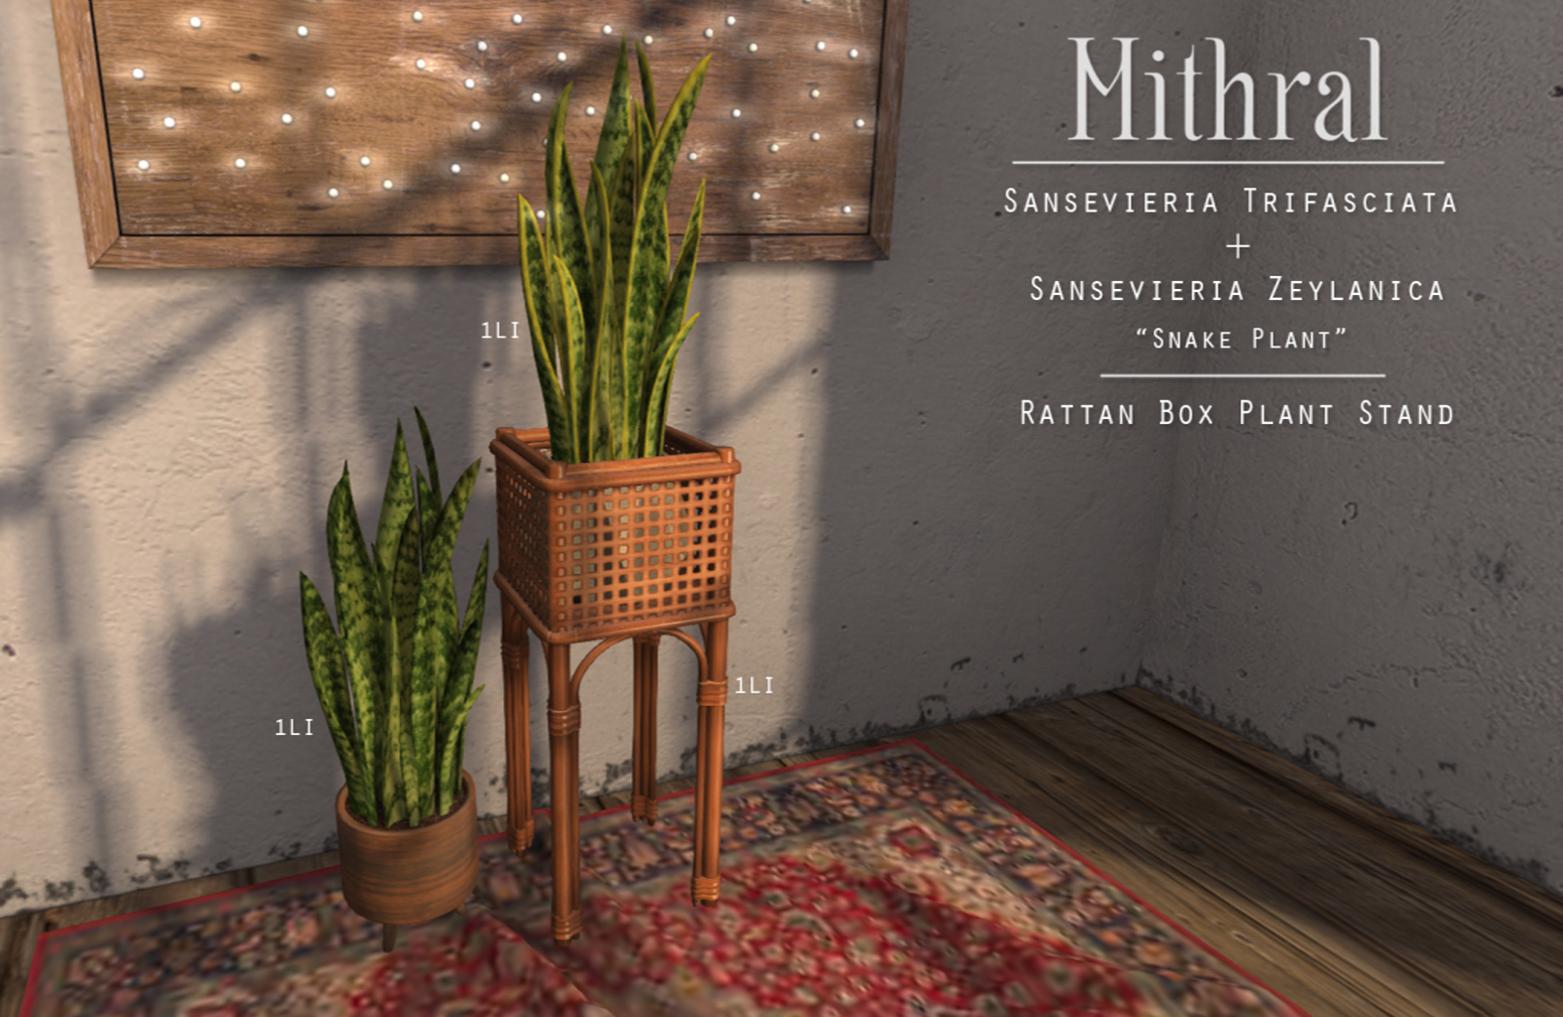 Mithral * Sansevieria Trifasciata / Sansevieria Zeylanica / Rattan Box Plant Stand